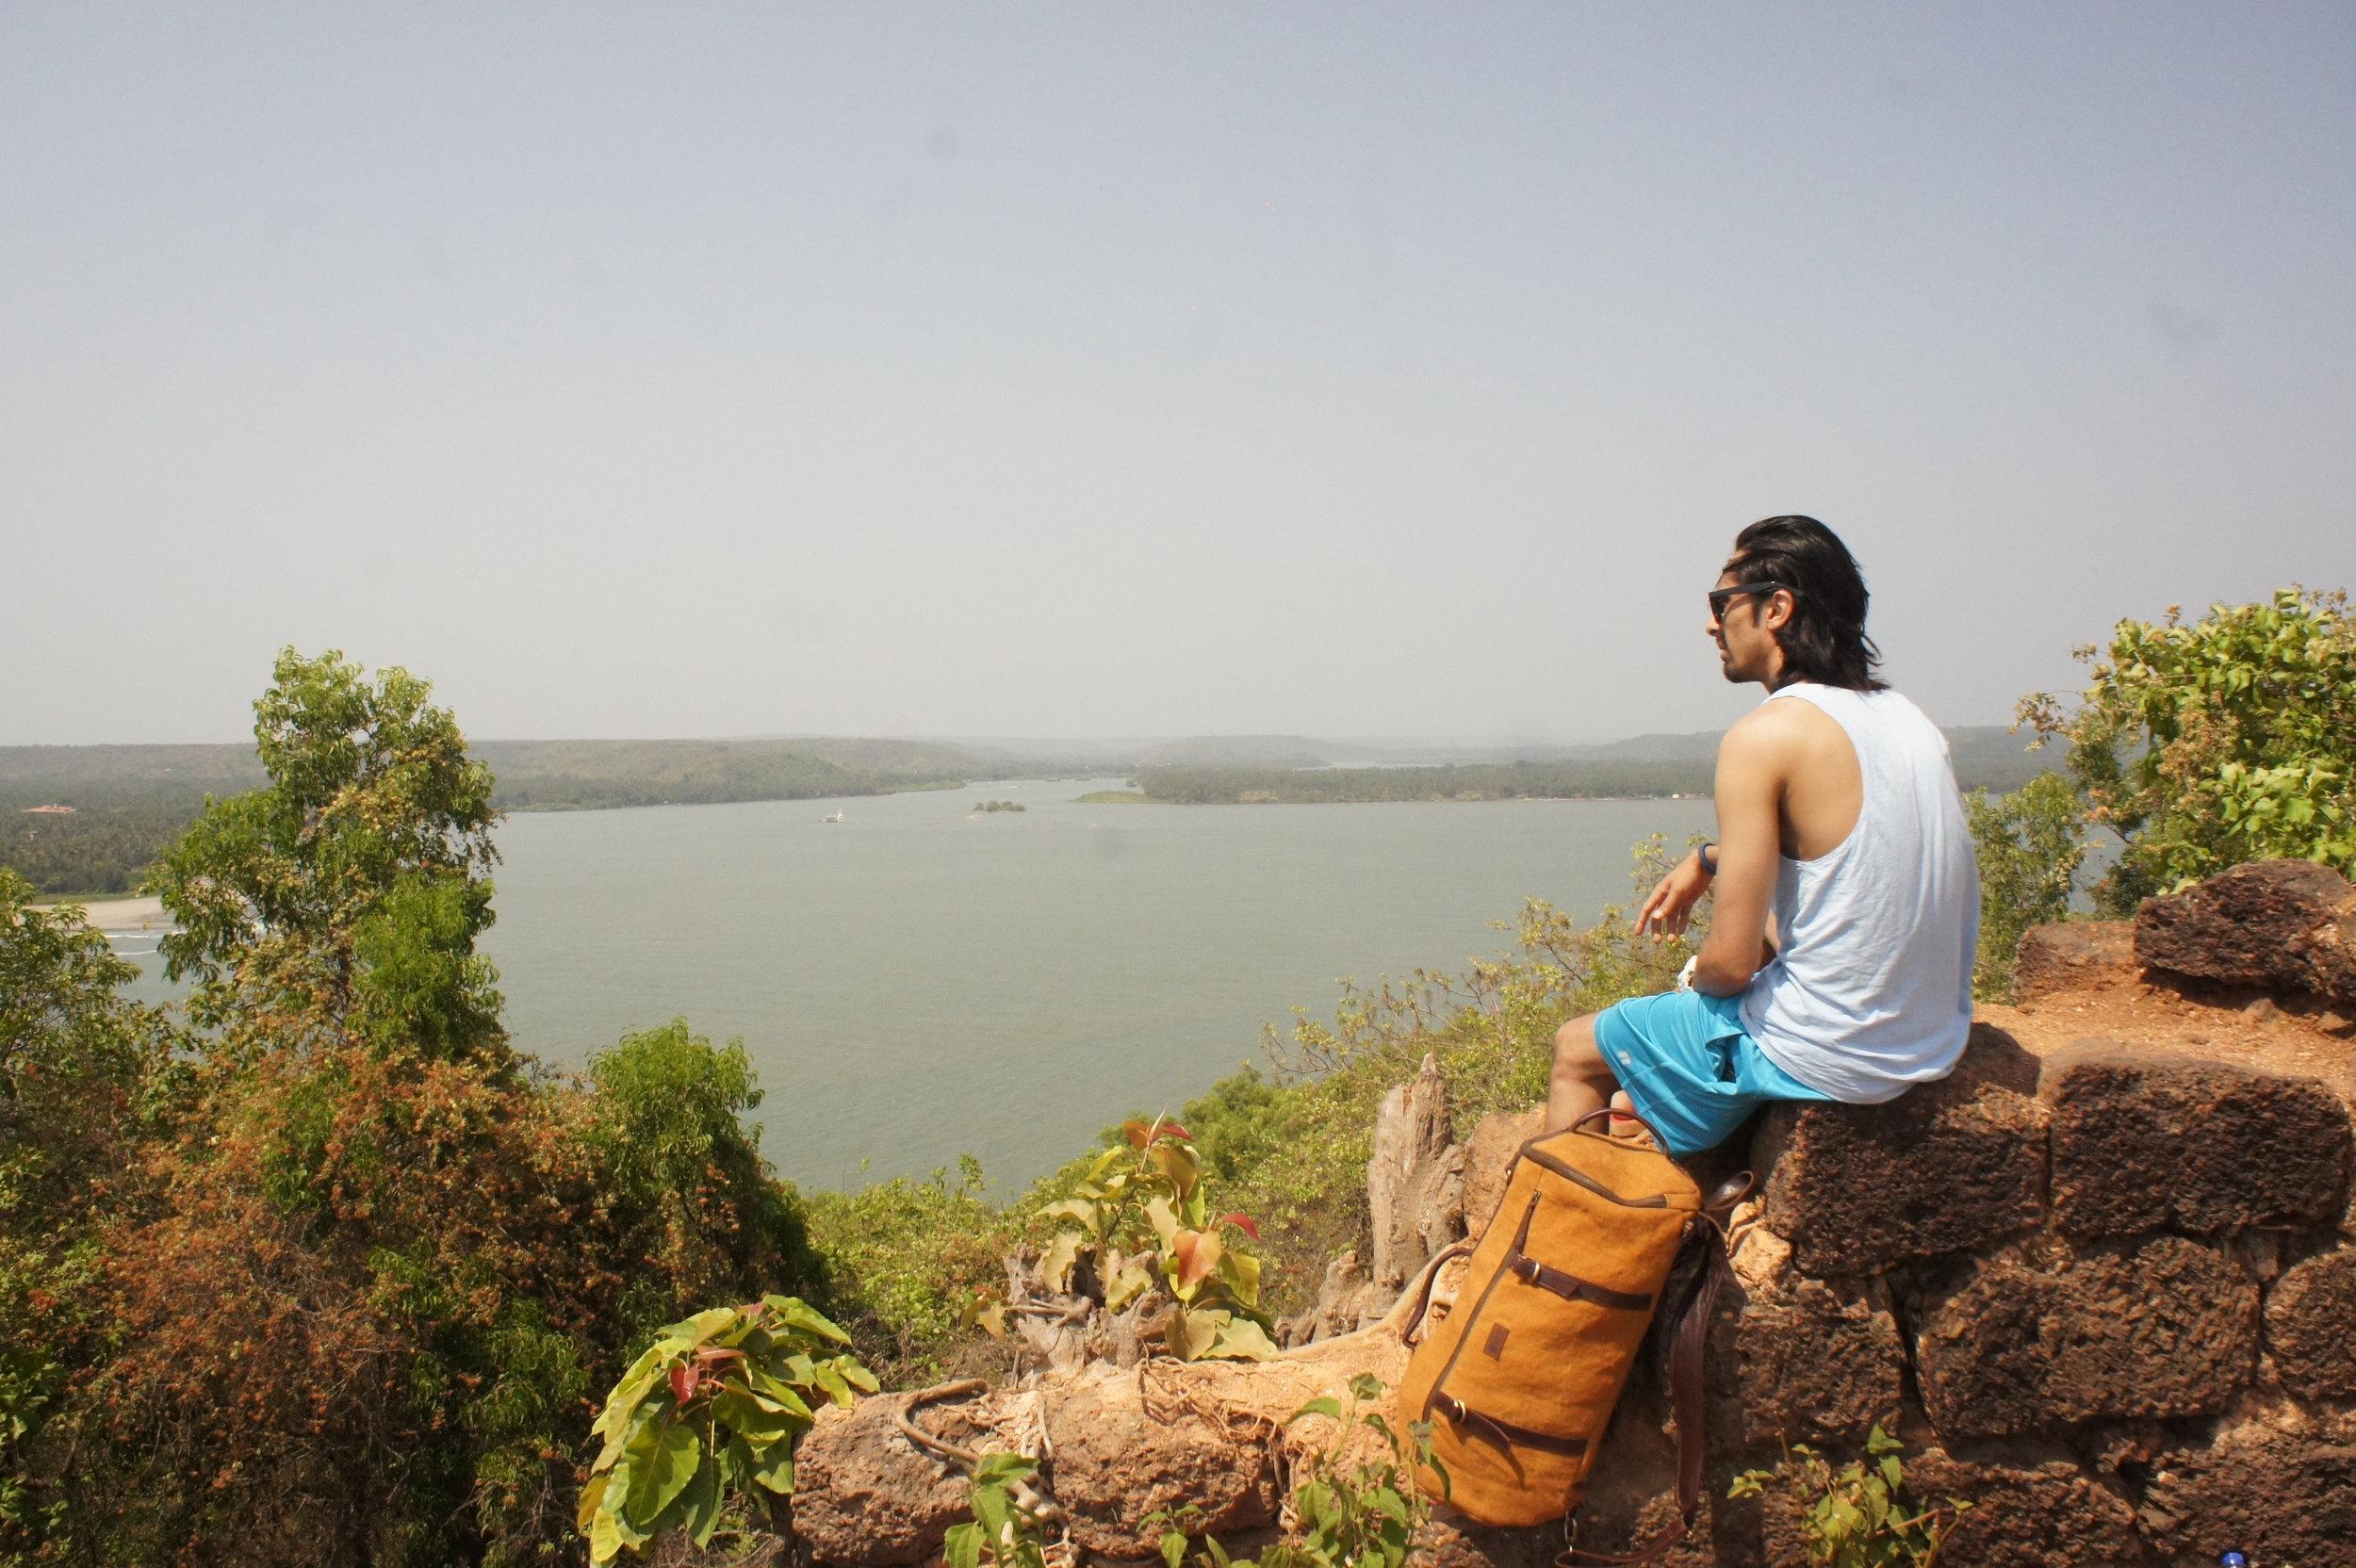 Copy of Tan SuperTrooper in Goa.JPG